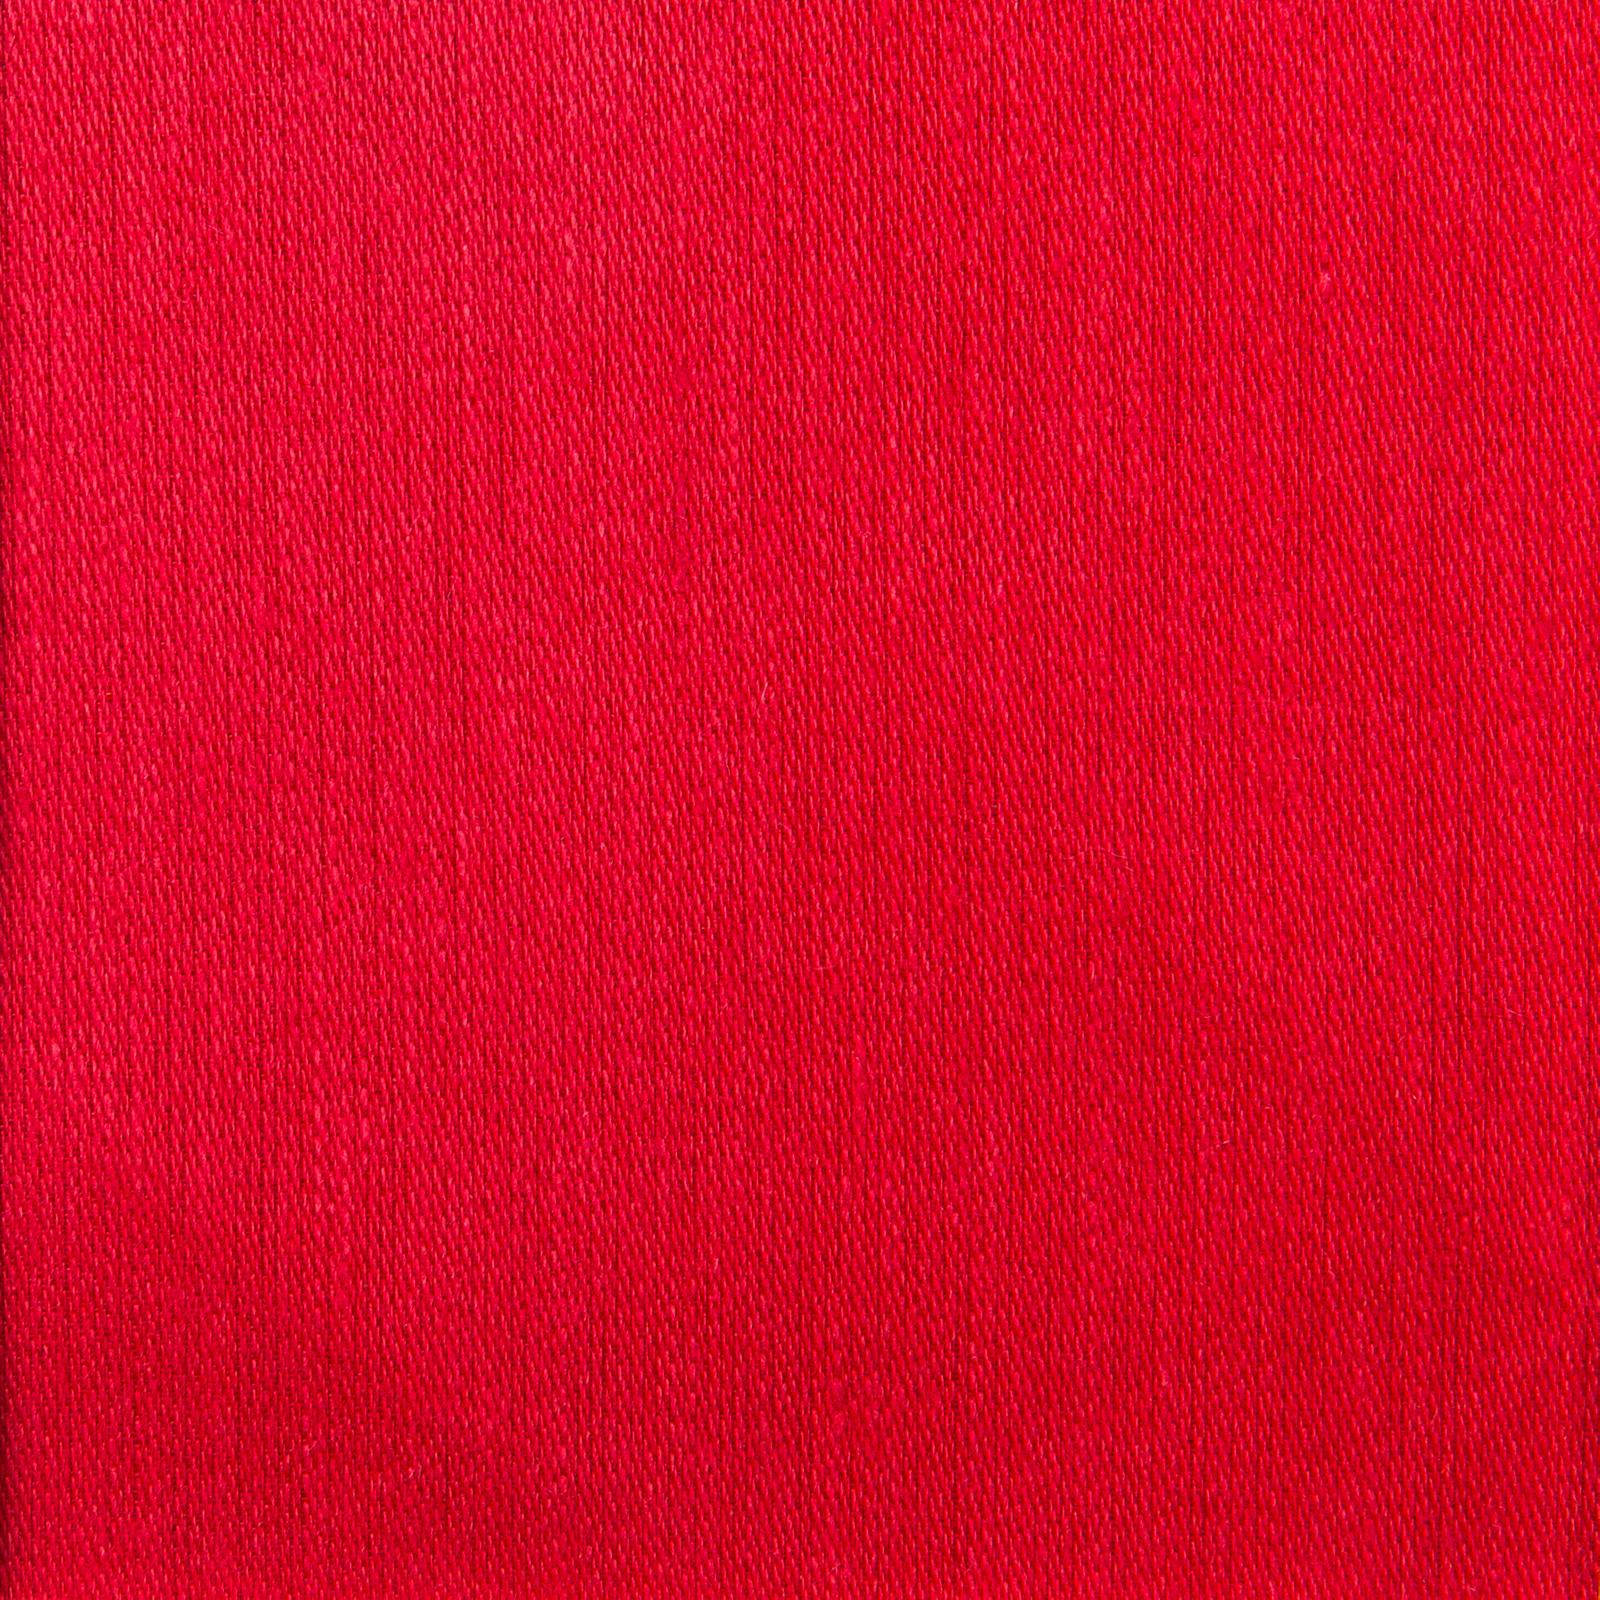 Rosso servetter hellinne Klässbols studio linneväveri röd